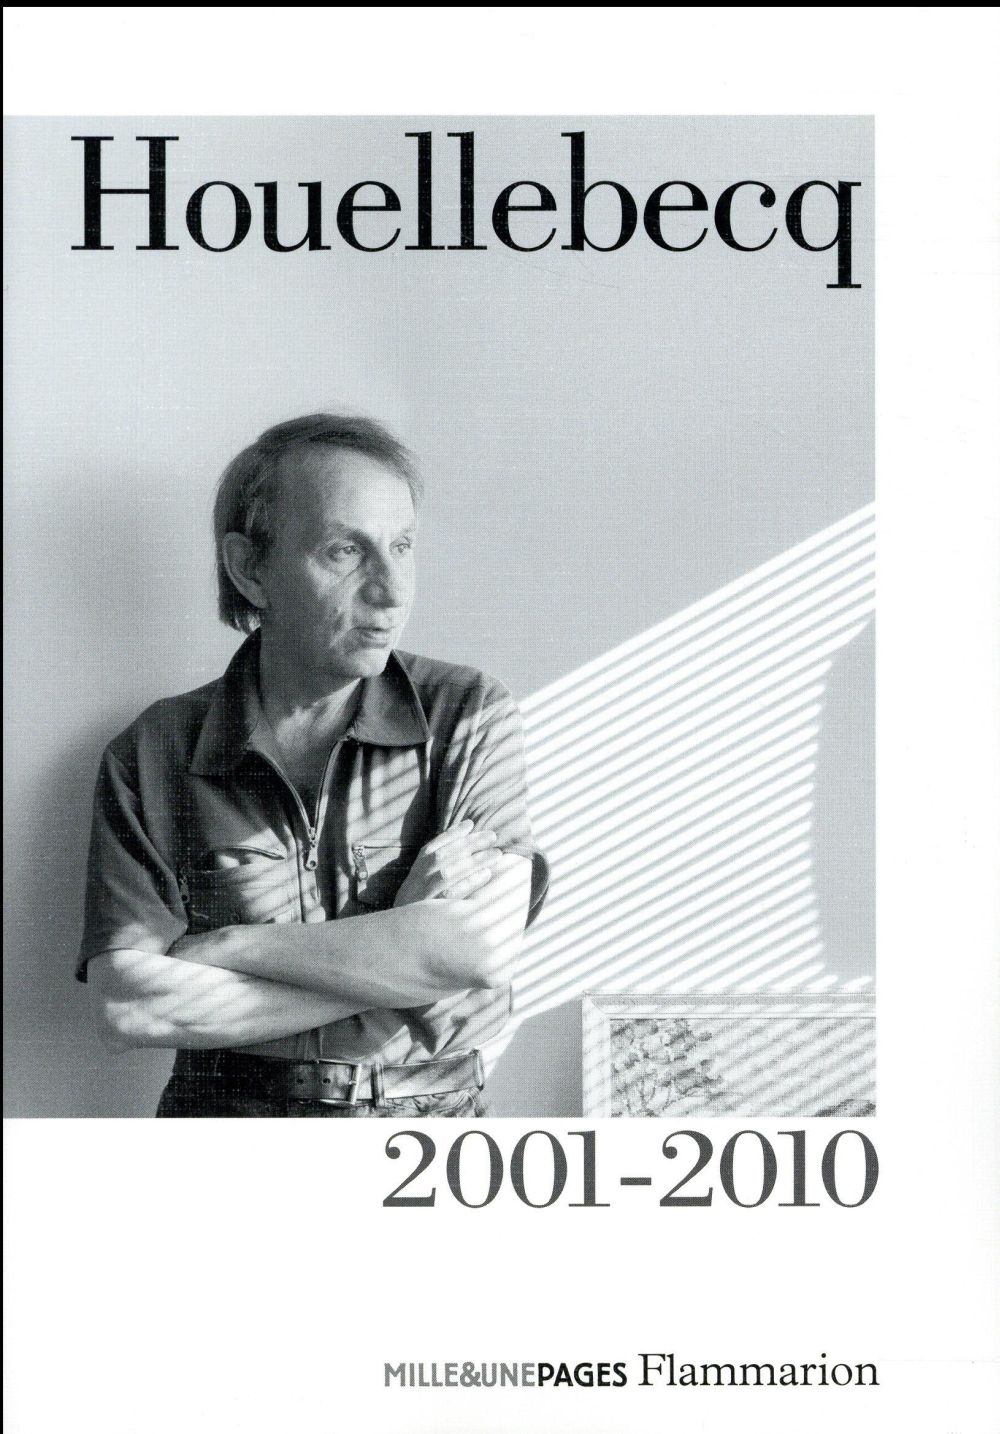 Houellebecq 2001-2010 : plateforme, la possibilité d'une île, interventions, la carte et le territoire